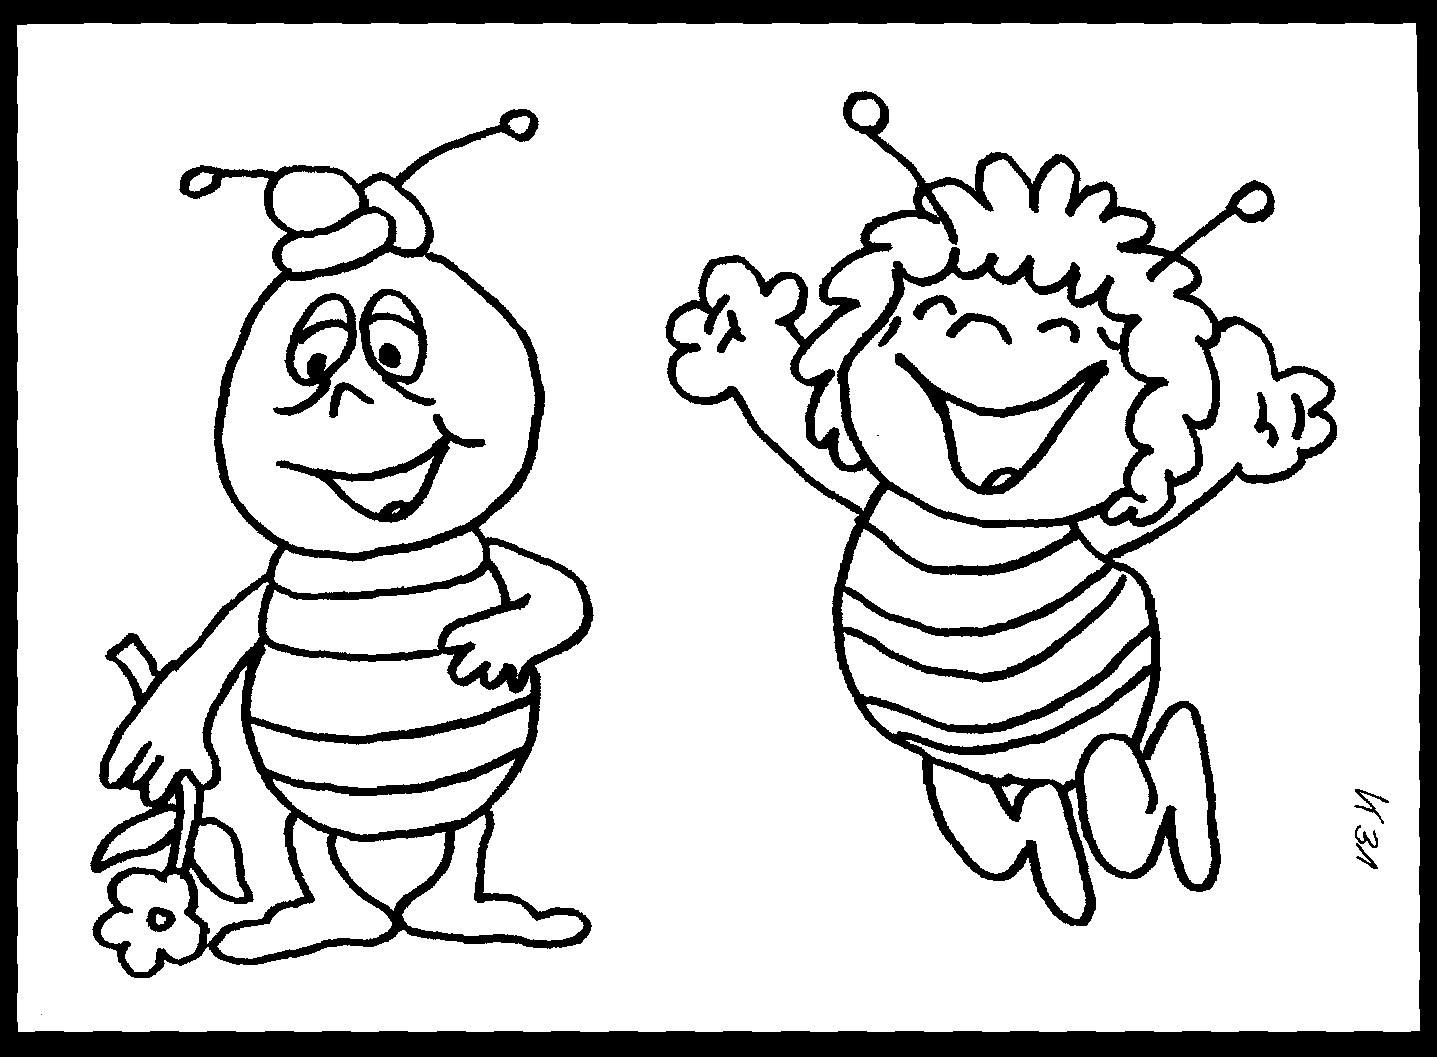 Biene Maja Bilder Kostenlos Inspirierend Ausmalbilder Biene Maja Schön Malvorlagen Igel Einzigartig Igel Stock